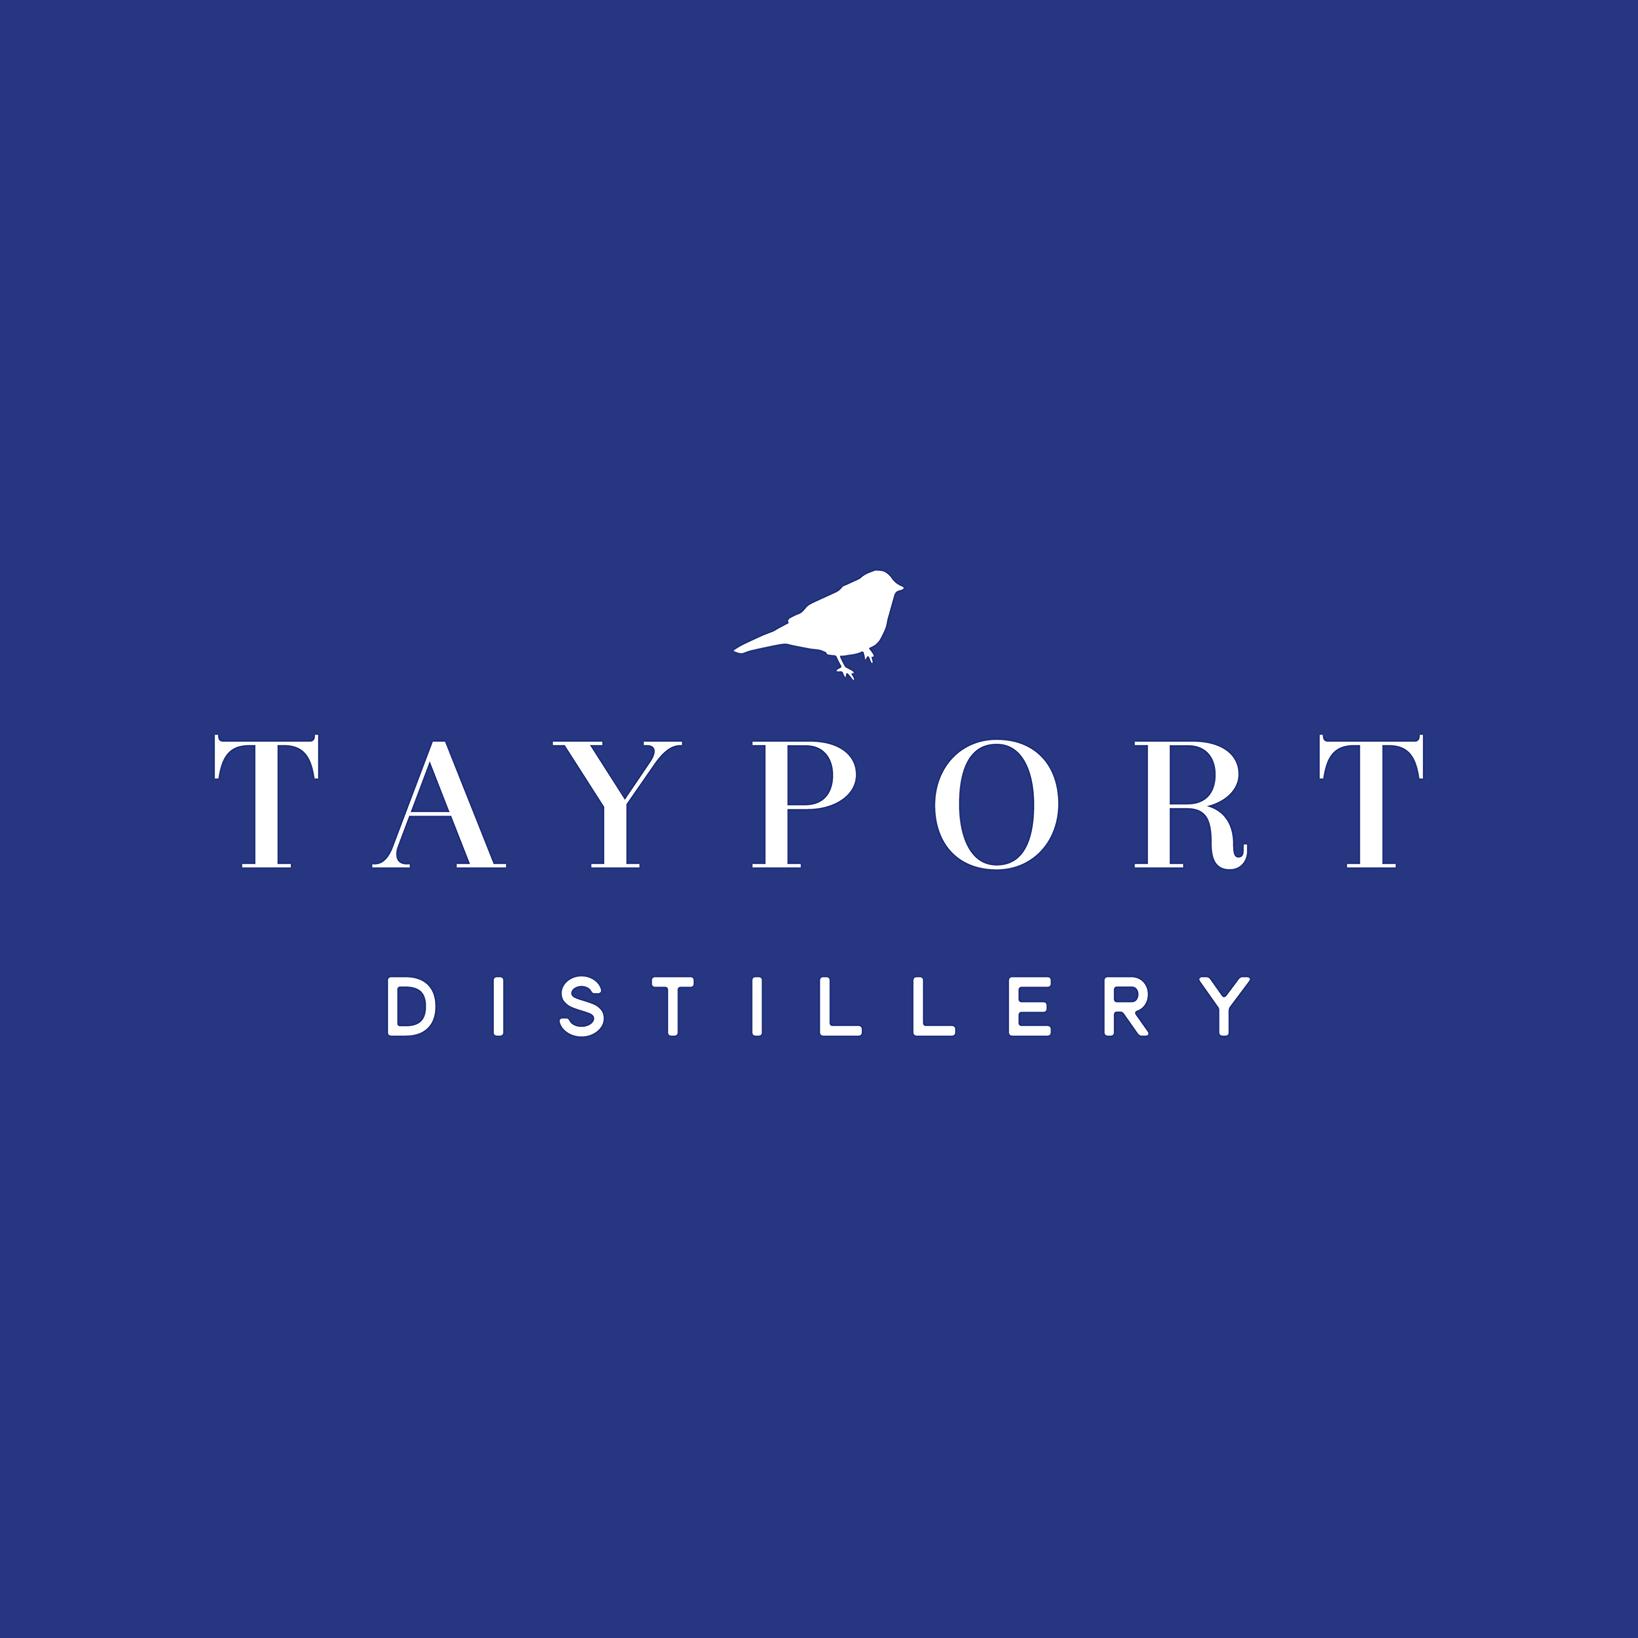 Tayport Distillery